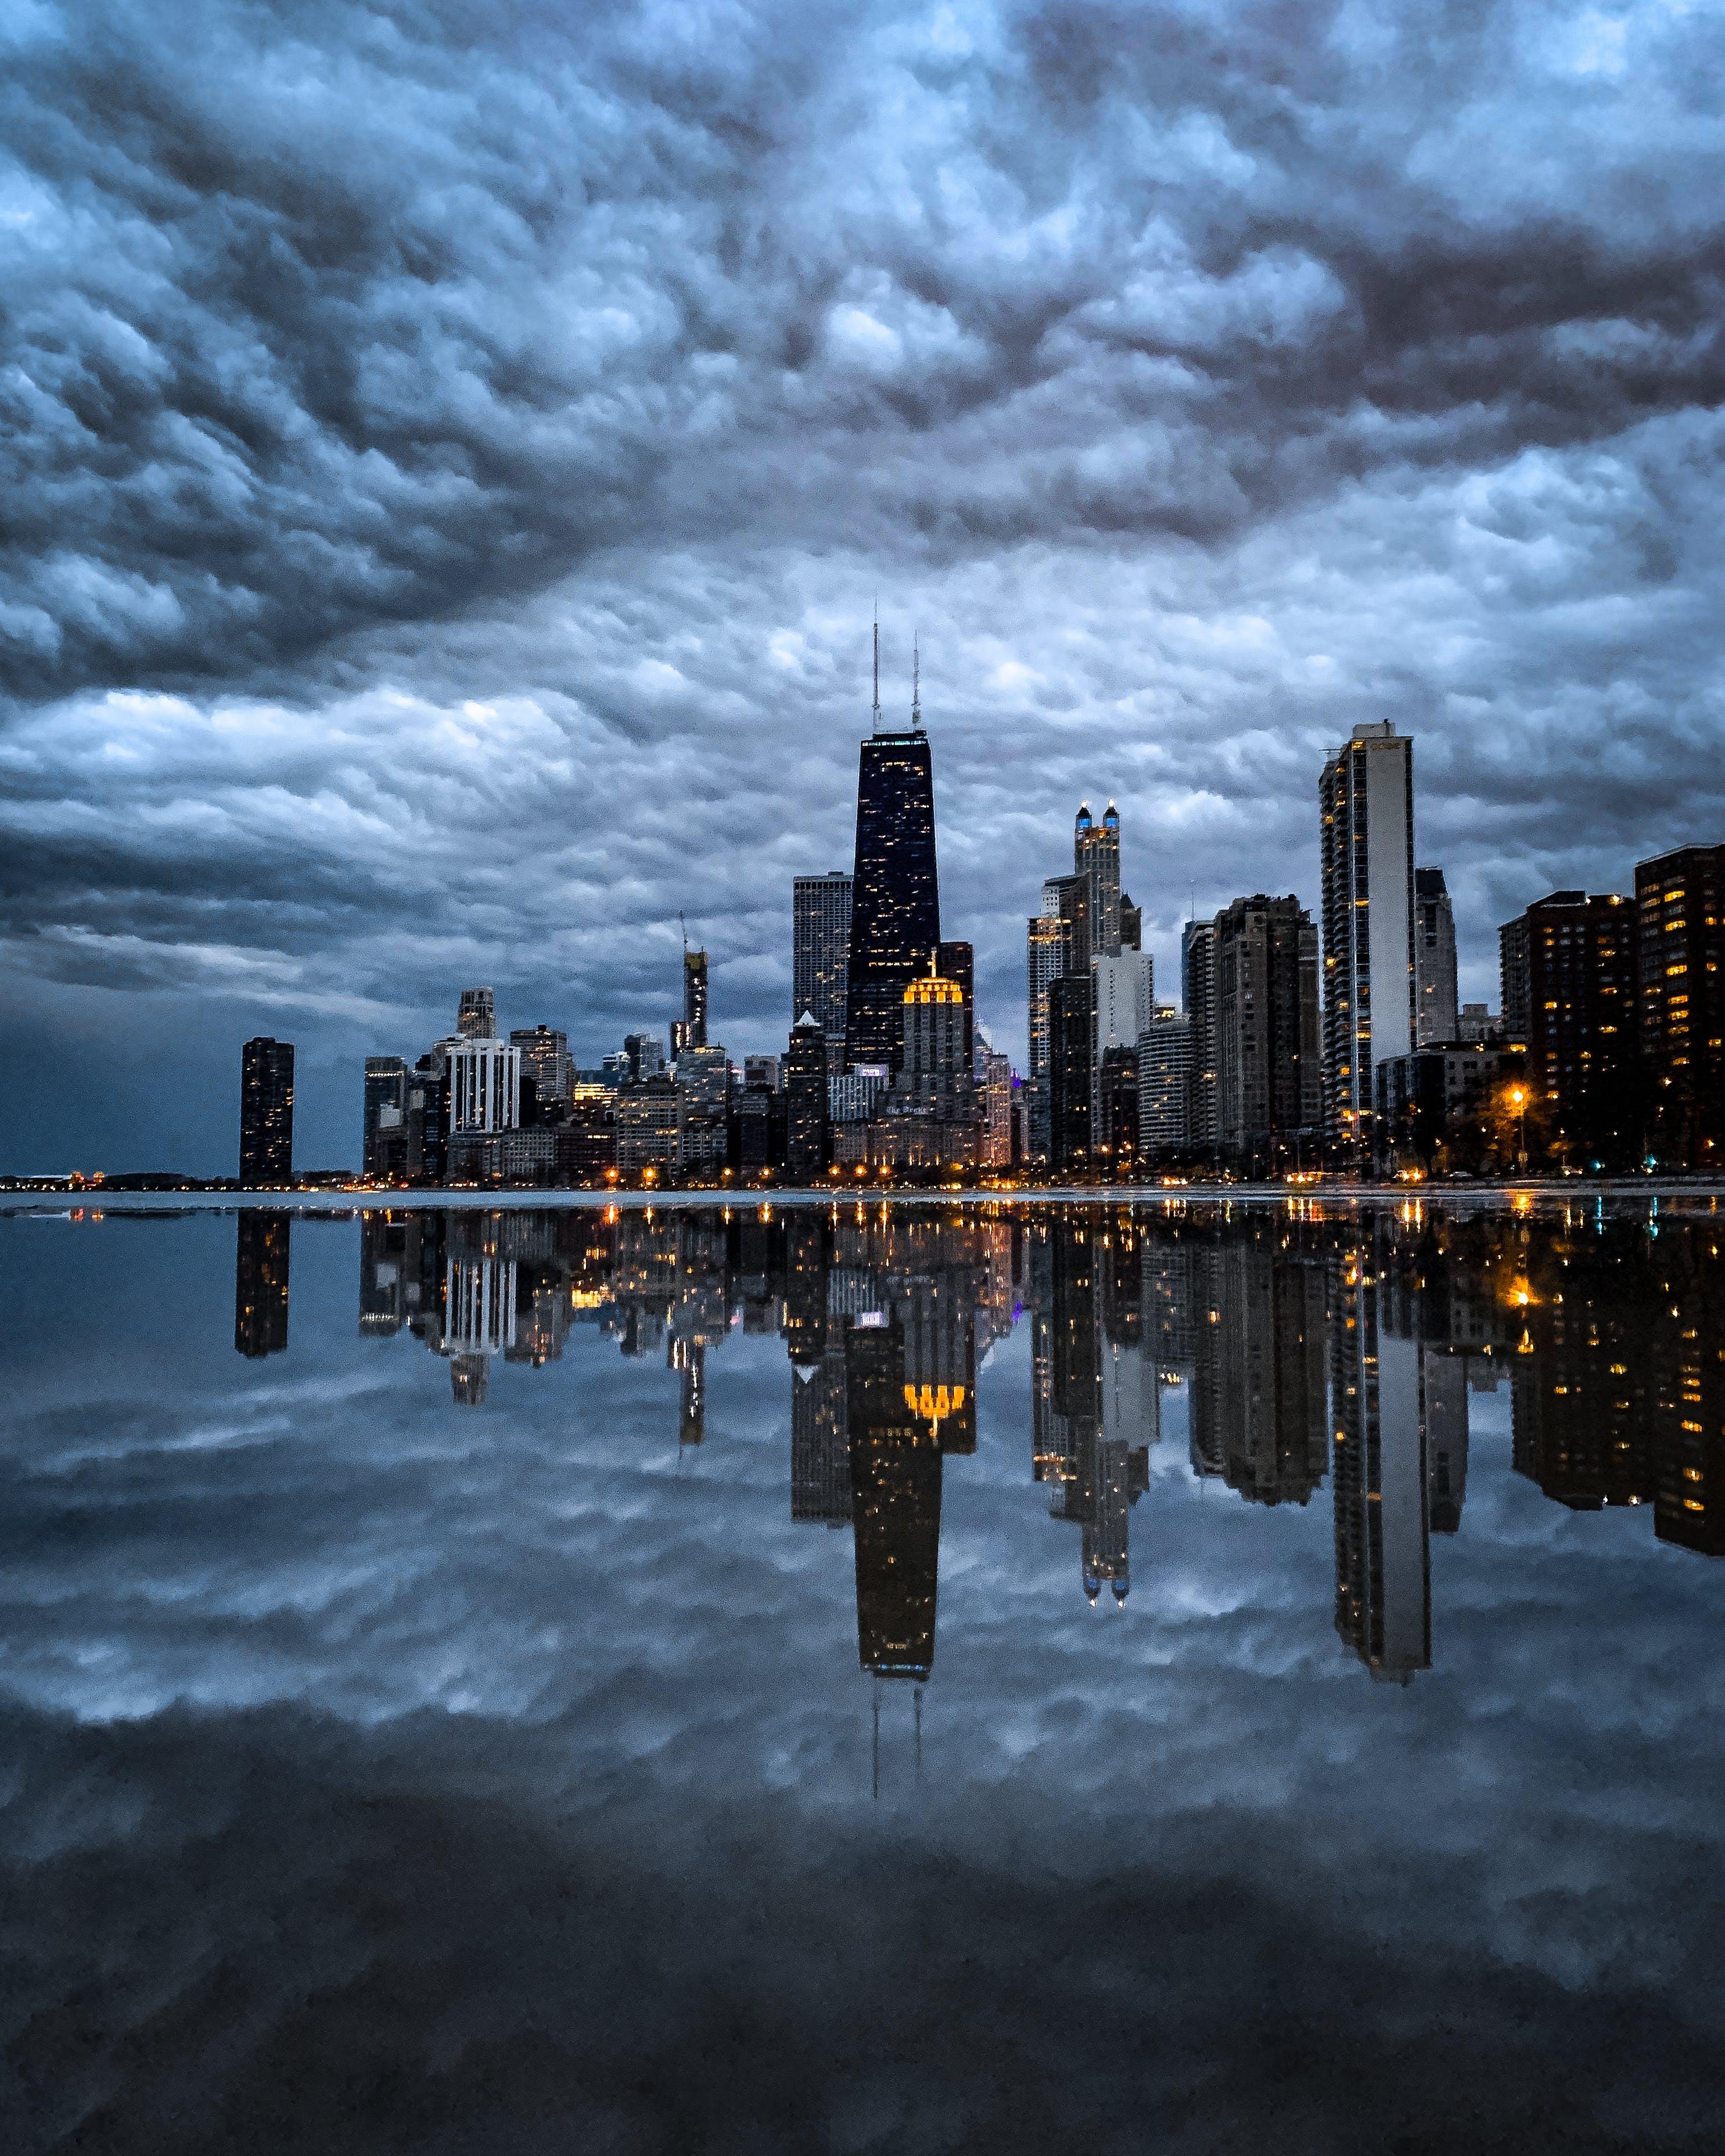 가장 높은, 강가, 건물, 건축의 무료 스톡 사진